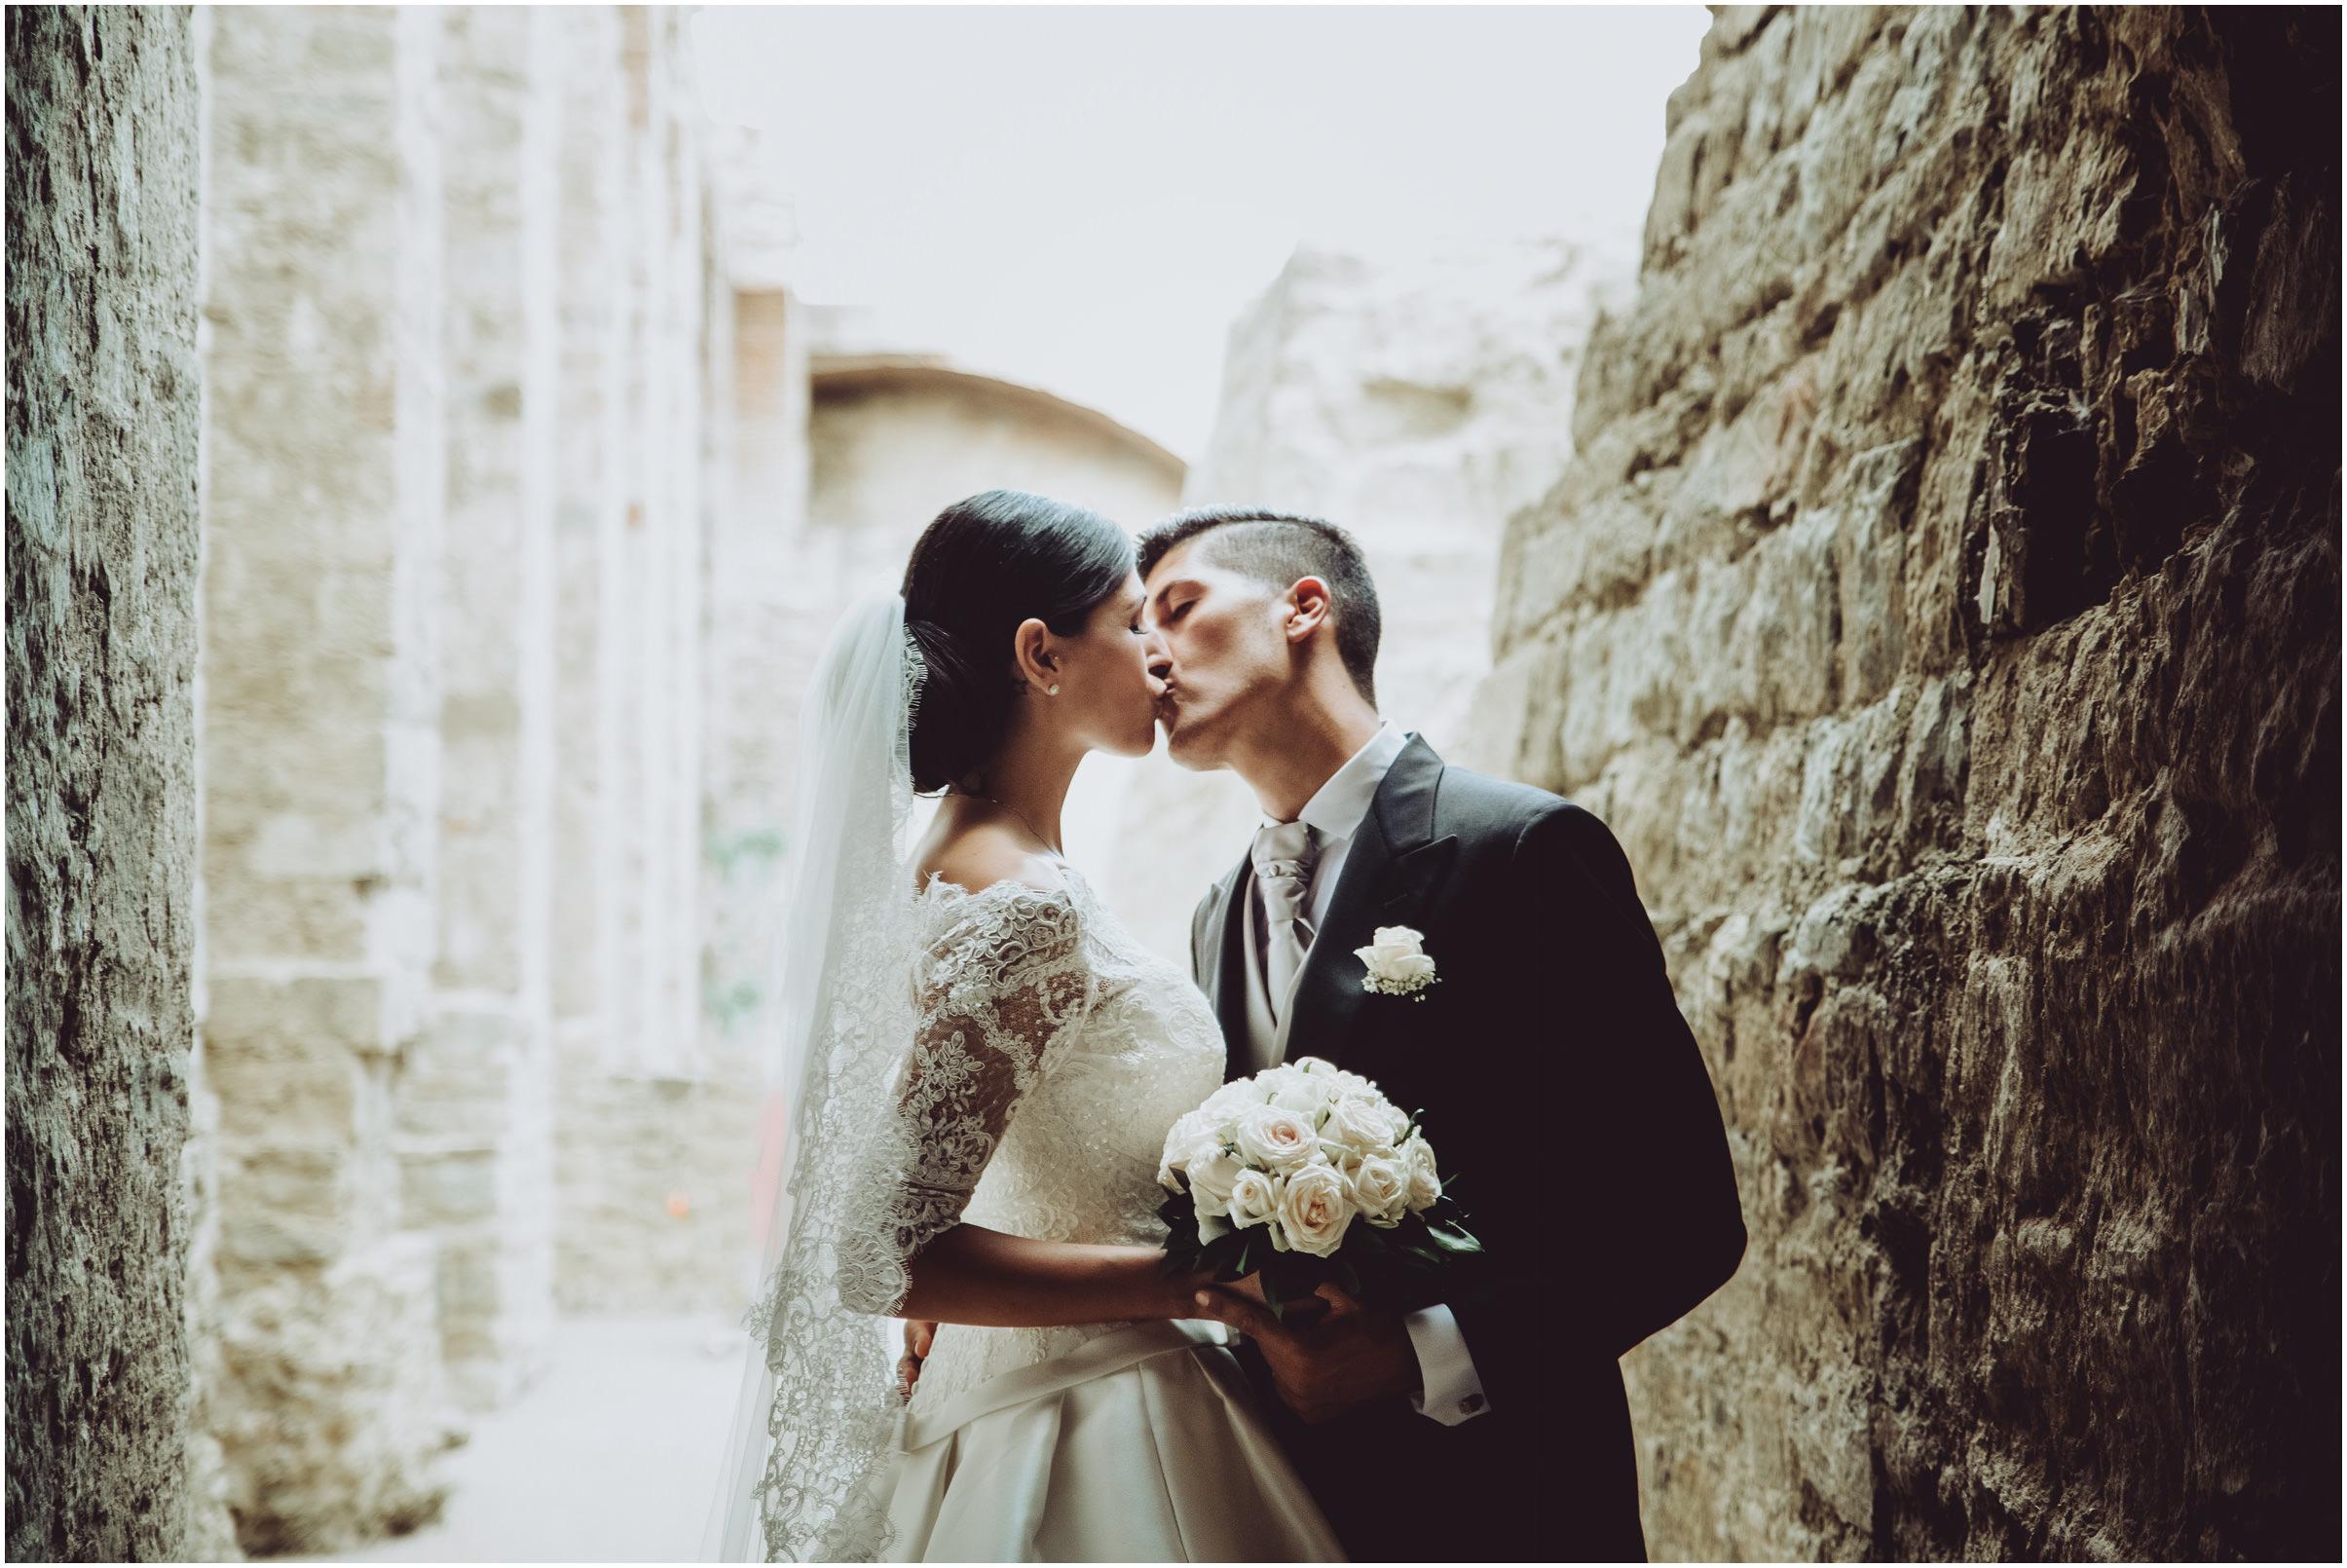 WEDDING-PHOTOGRAPHY-SARA-LORENZONI-FOTOGRAFIA-MATRIMONIO-AREZZO-TUSCANY-EVENTO-LE-SPOSE-DI-GIANNI-ELISA-LUCA038